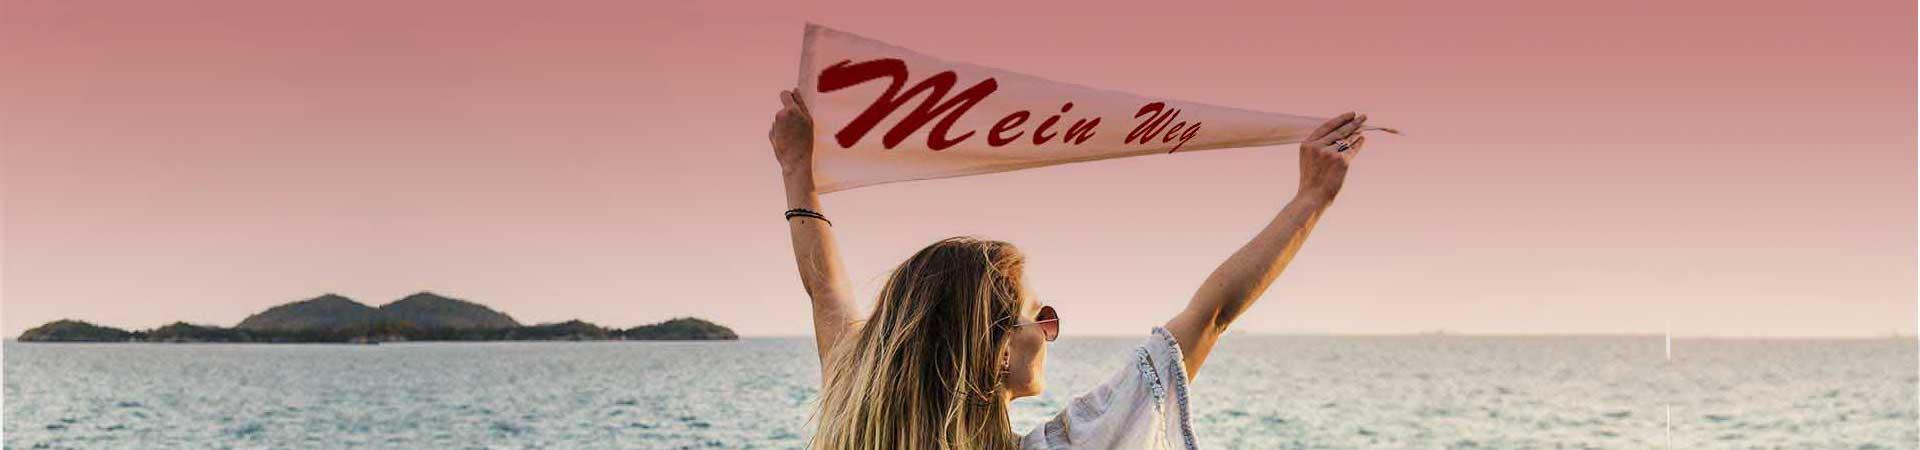 header Mein Weg 1920x450 190623221458